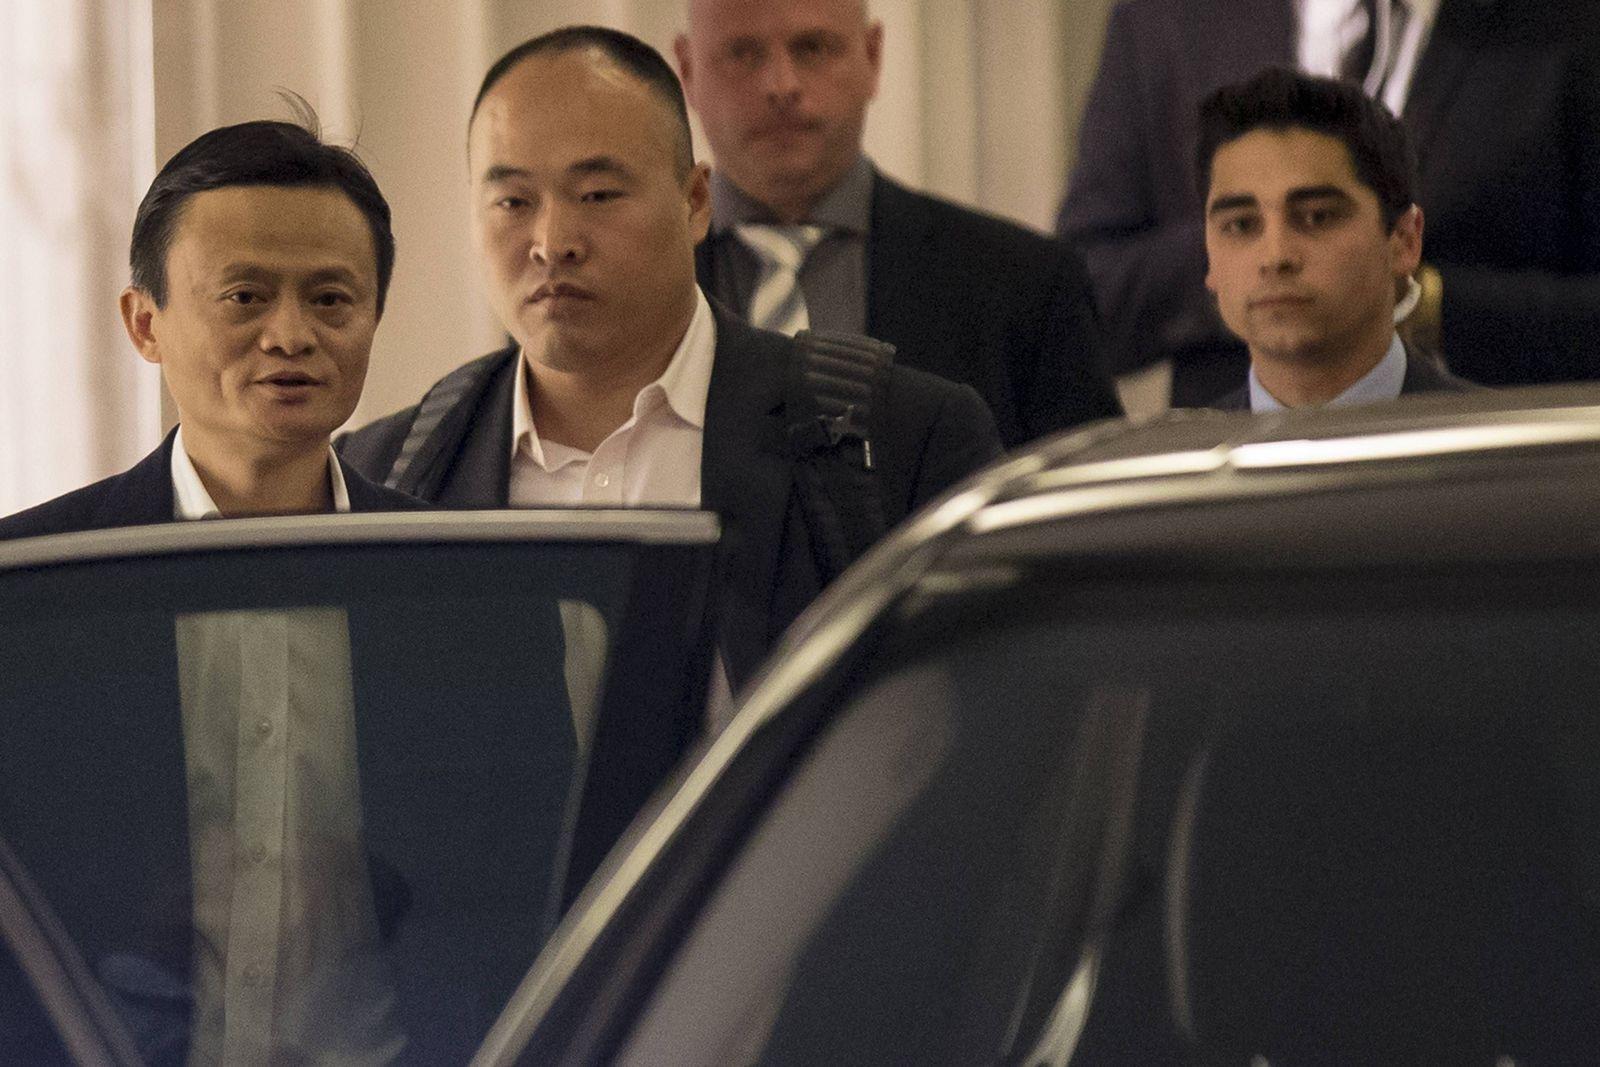 Jack Ma / Alibaba roadshow